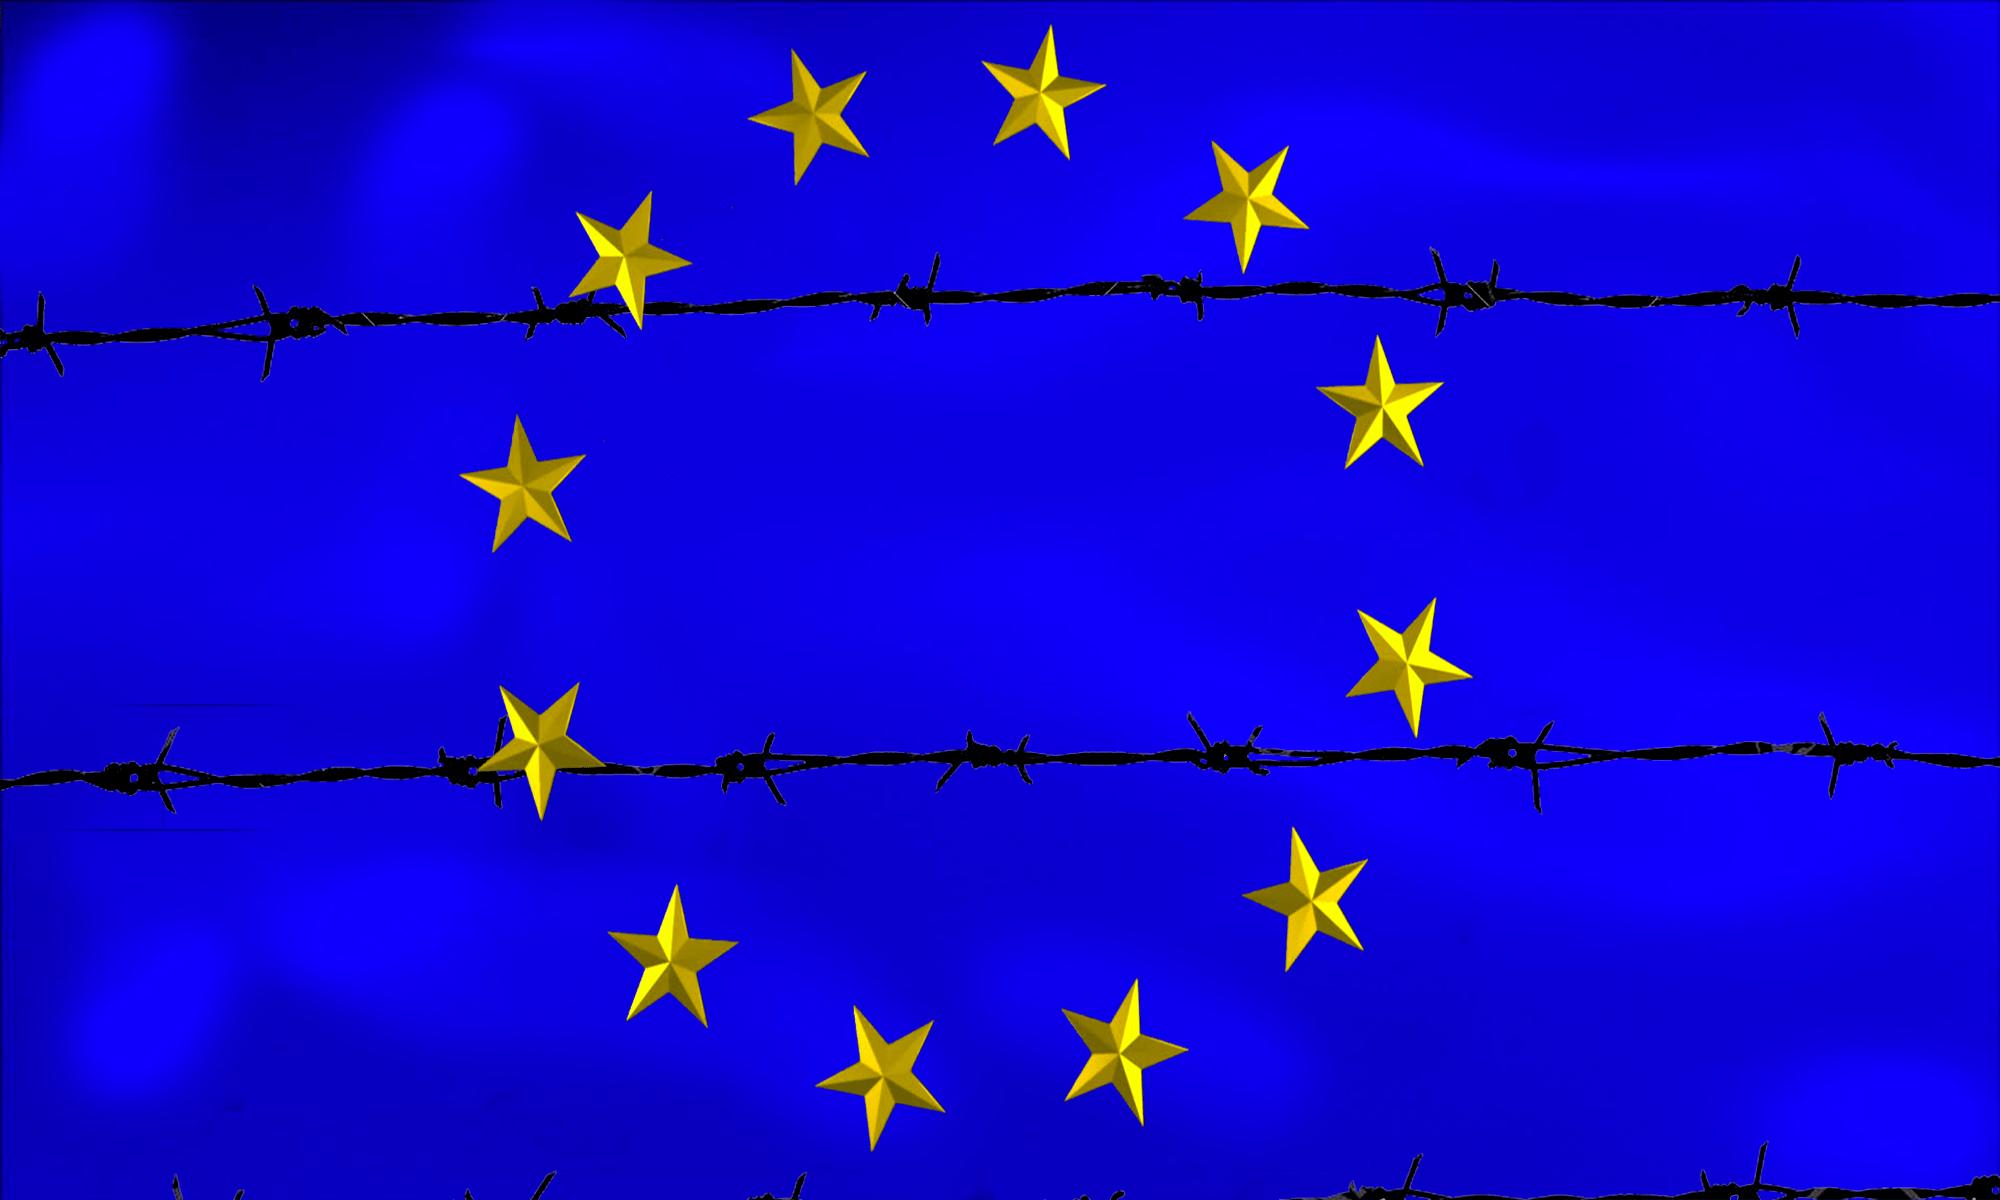 Bandiera UE FiloSpinato